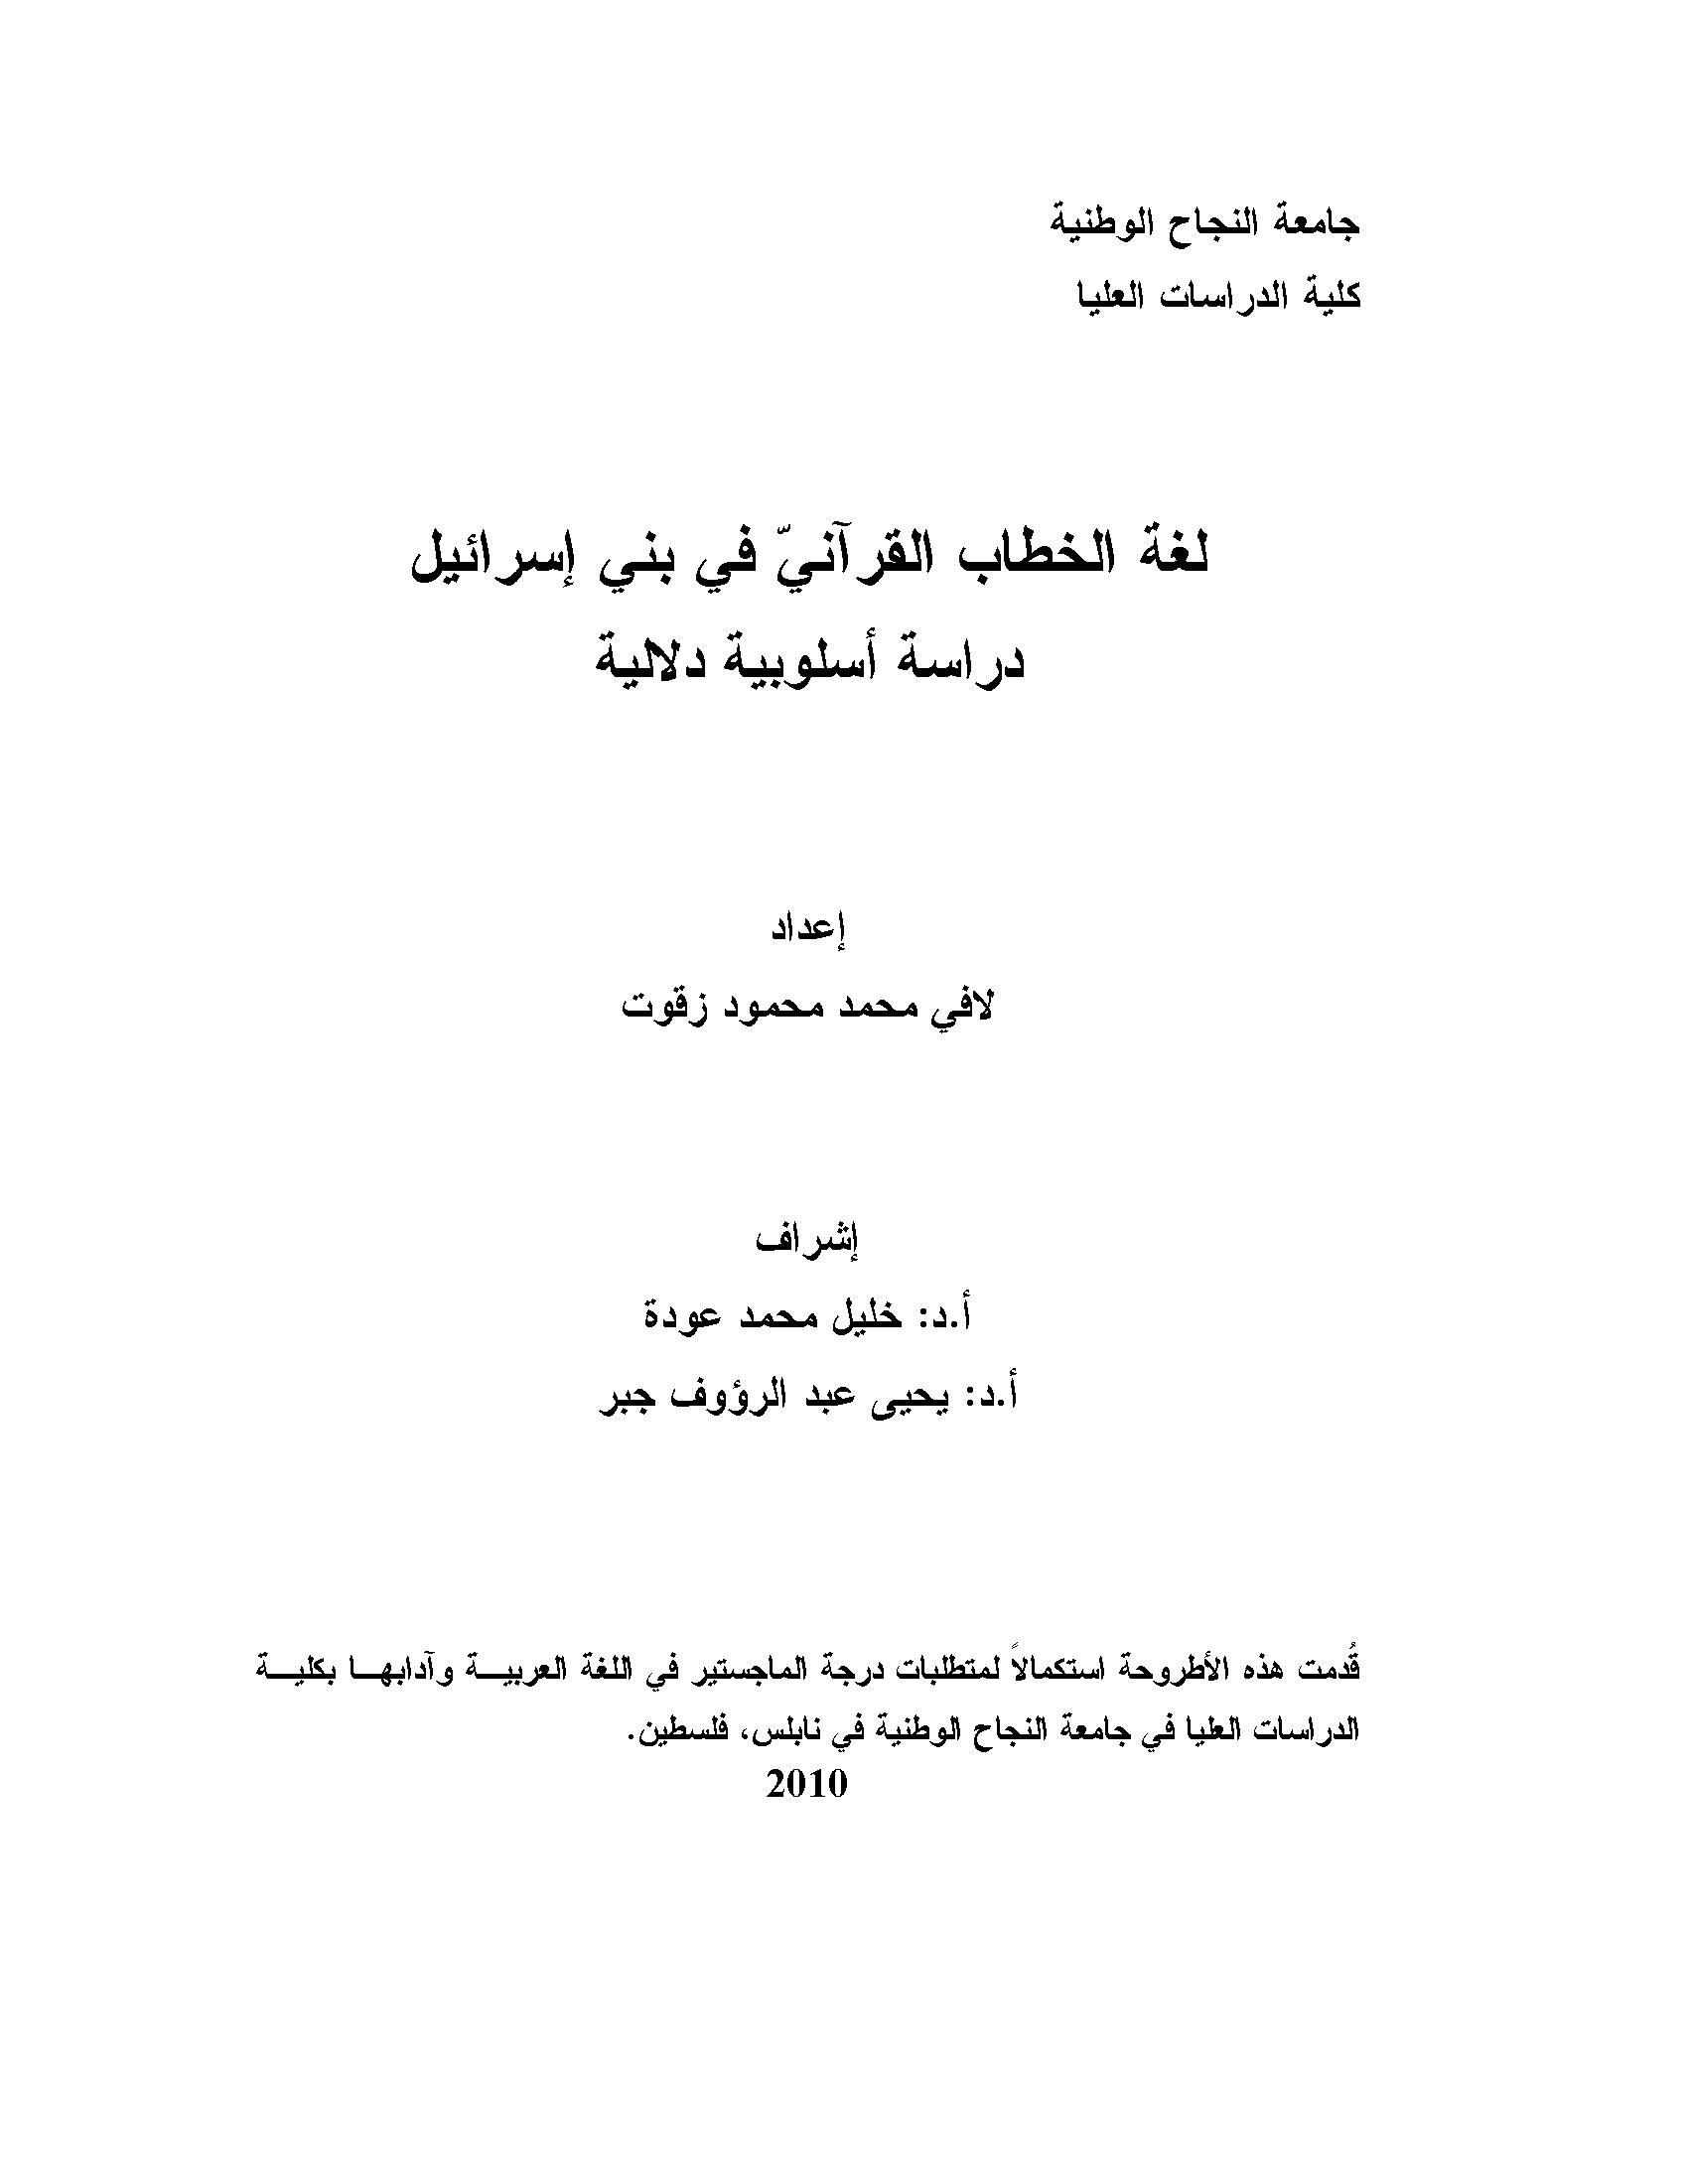 تحميل كتاب لغة الخطاب القرآني في بني إسرائيل: دراسة أسلوبية دلالية لـِ: لافي محمد محمود زقوت